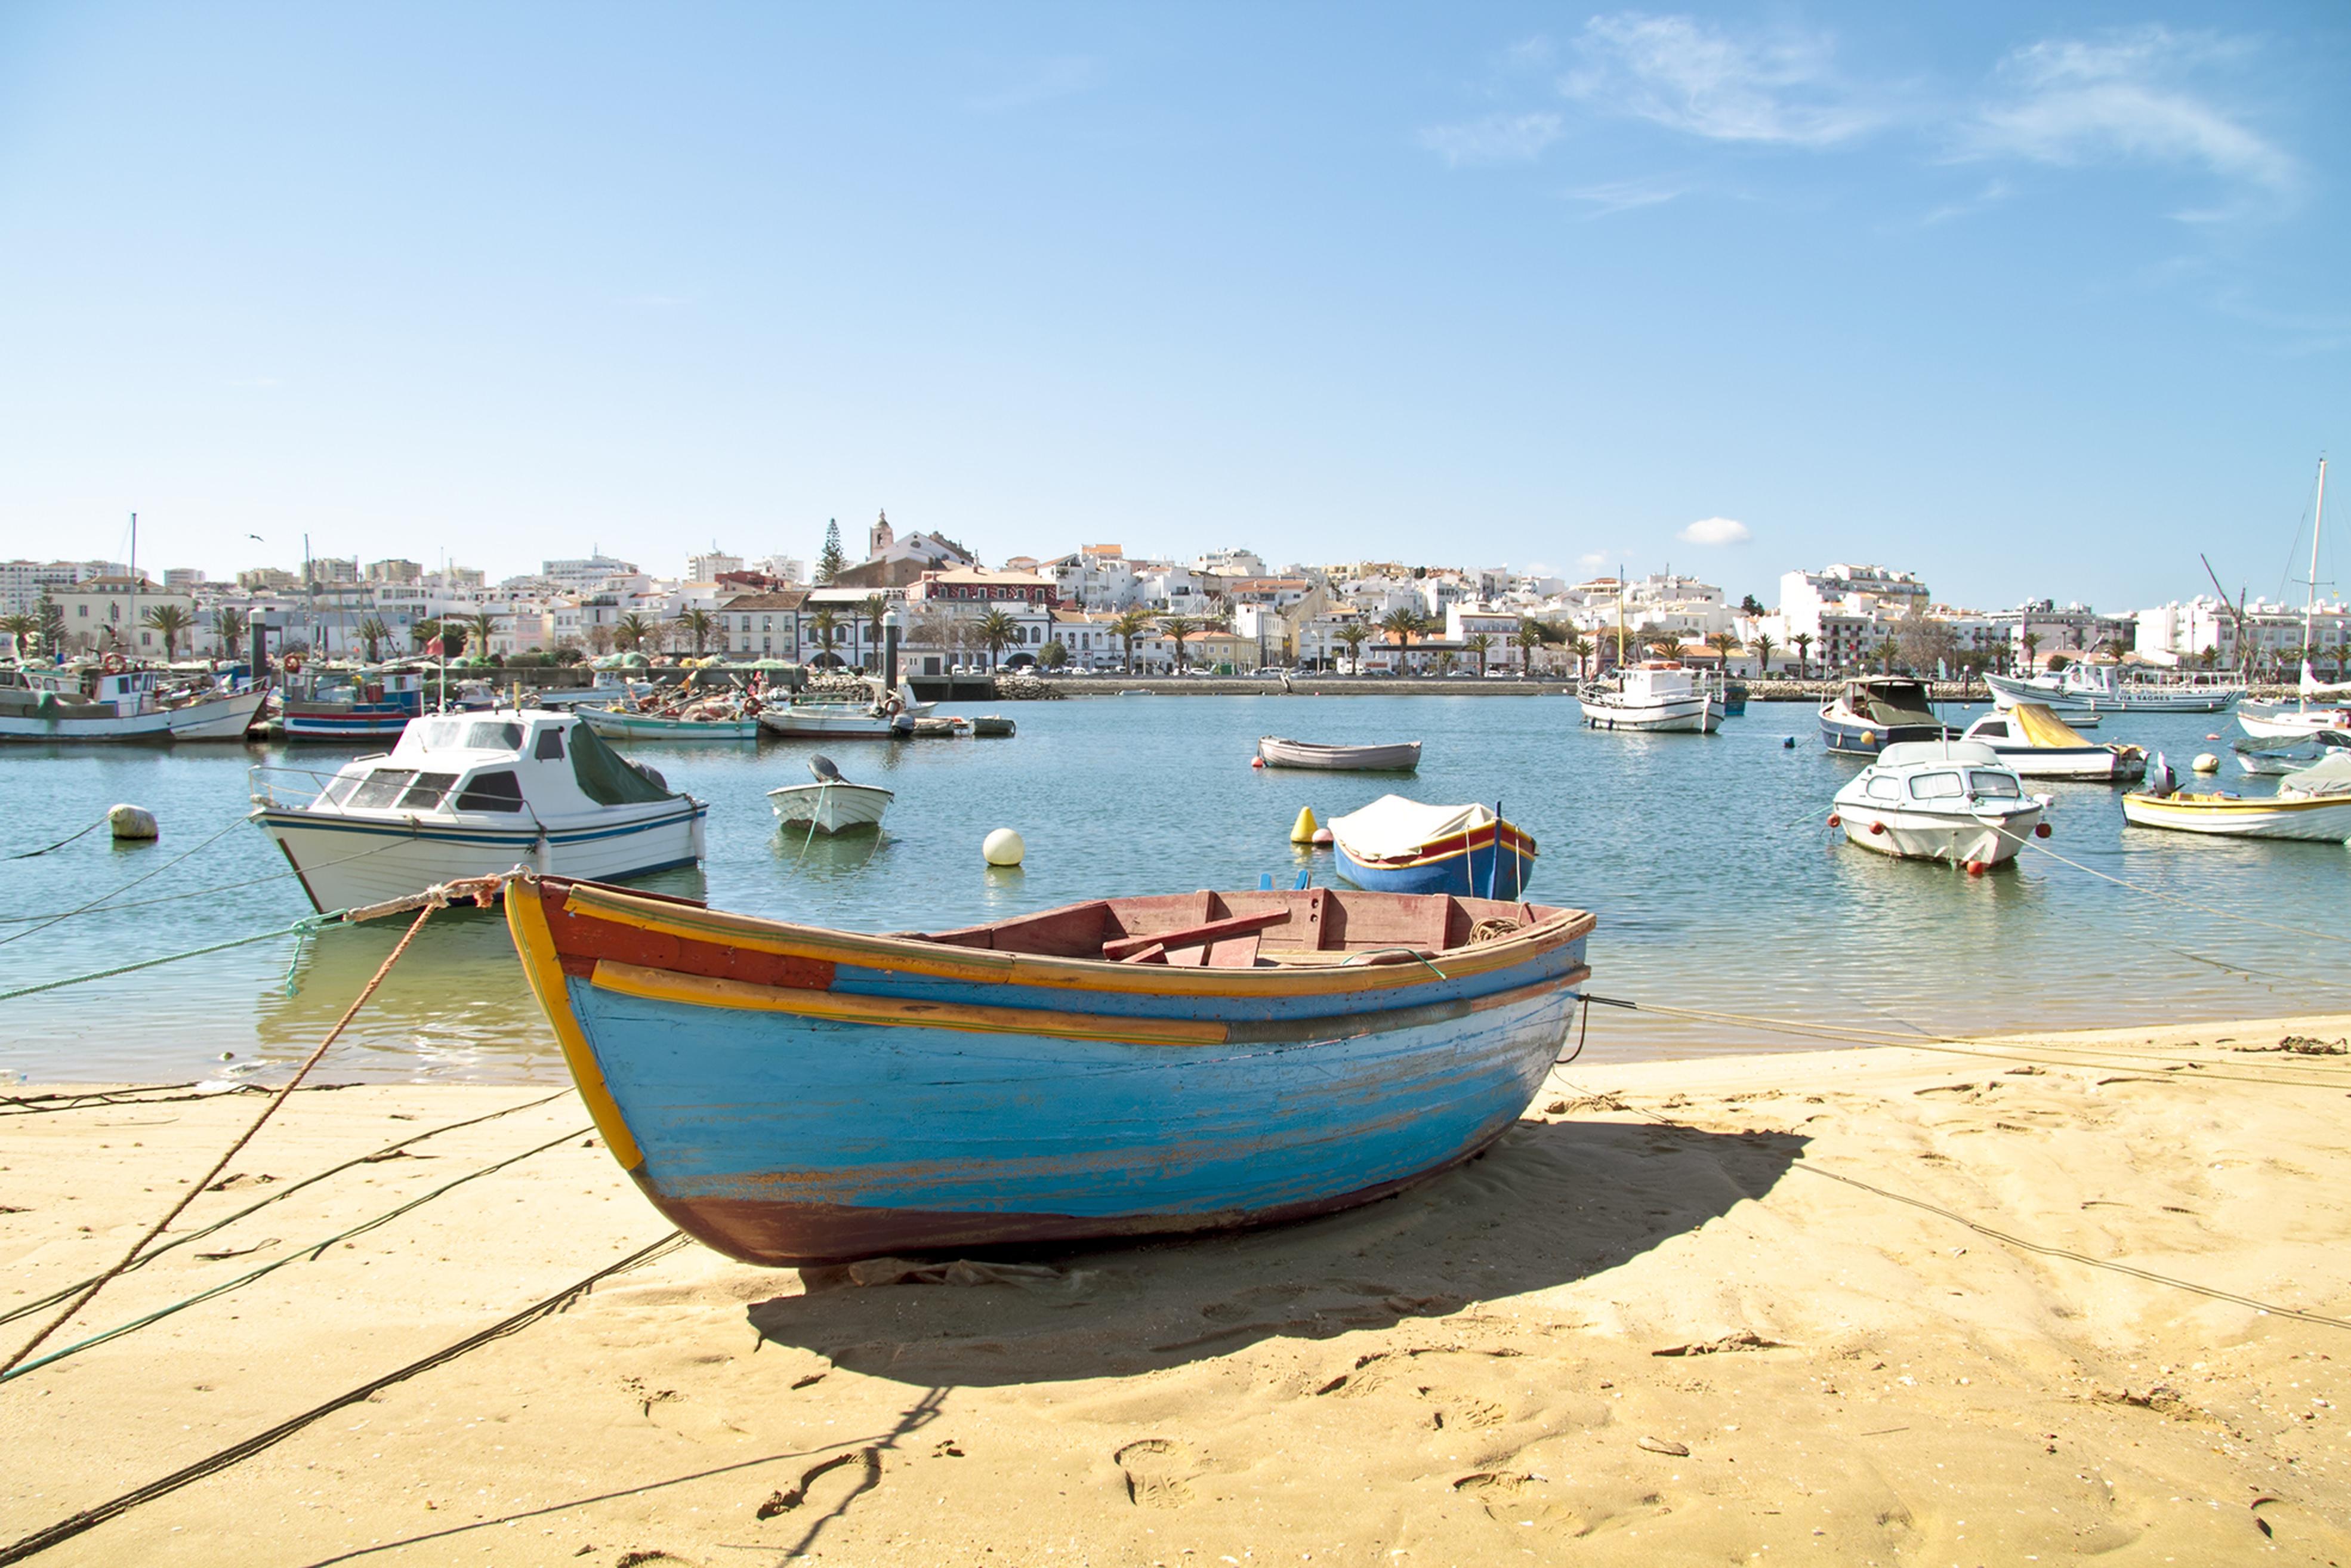 000ee8_portugal_algarve_Lagos-harbour-114408c4c687d74030366a2aa24566cc